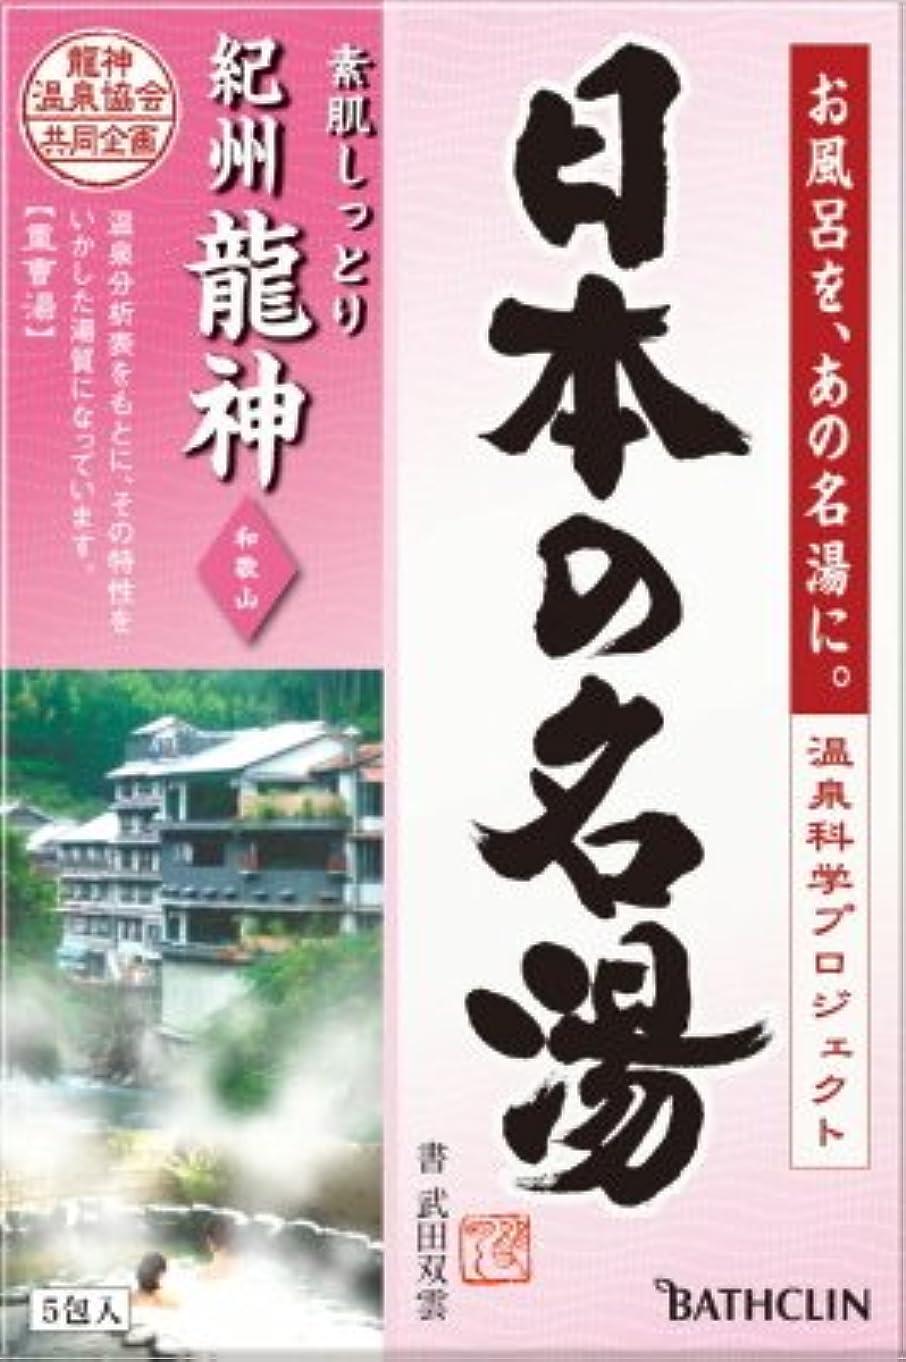 閃光ベンチパラメータバスクリン 日本の名湯 紀州龍神 30g×5包入(入浴剤)×24点セット (4548514135499)